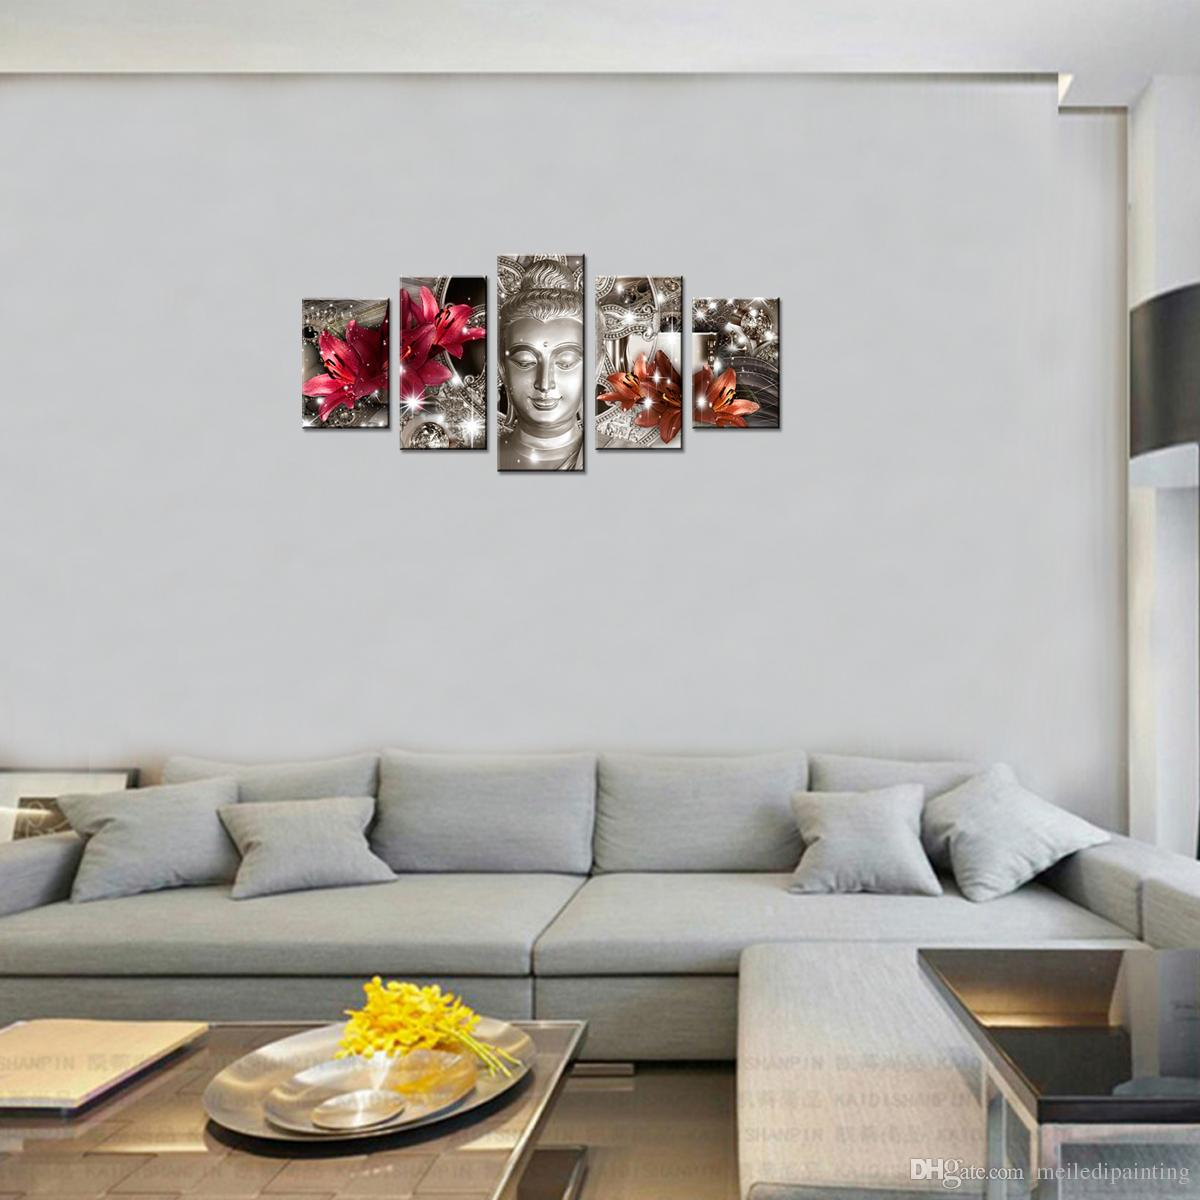 Acheter 5 Panneaux Bouddha Photo Rouge Et Orange Lily Fleur Fond Imprimé Abstrait Toile Peinture Mur Art Pour La Maison Décor étiré Encadré De 48 13